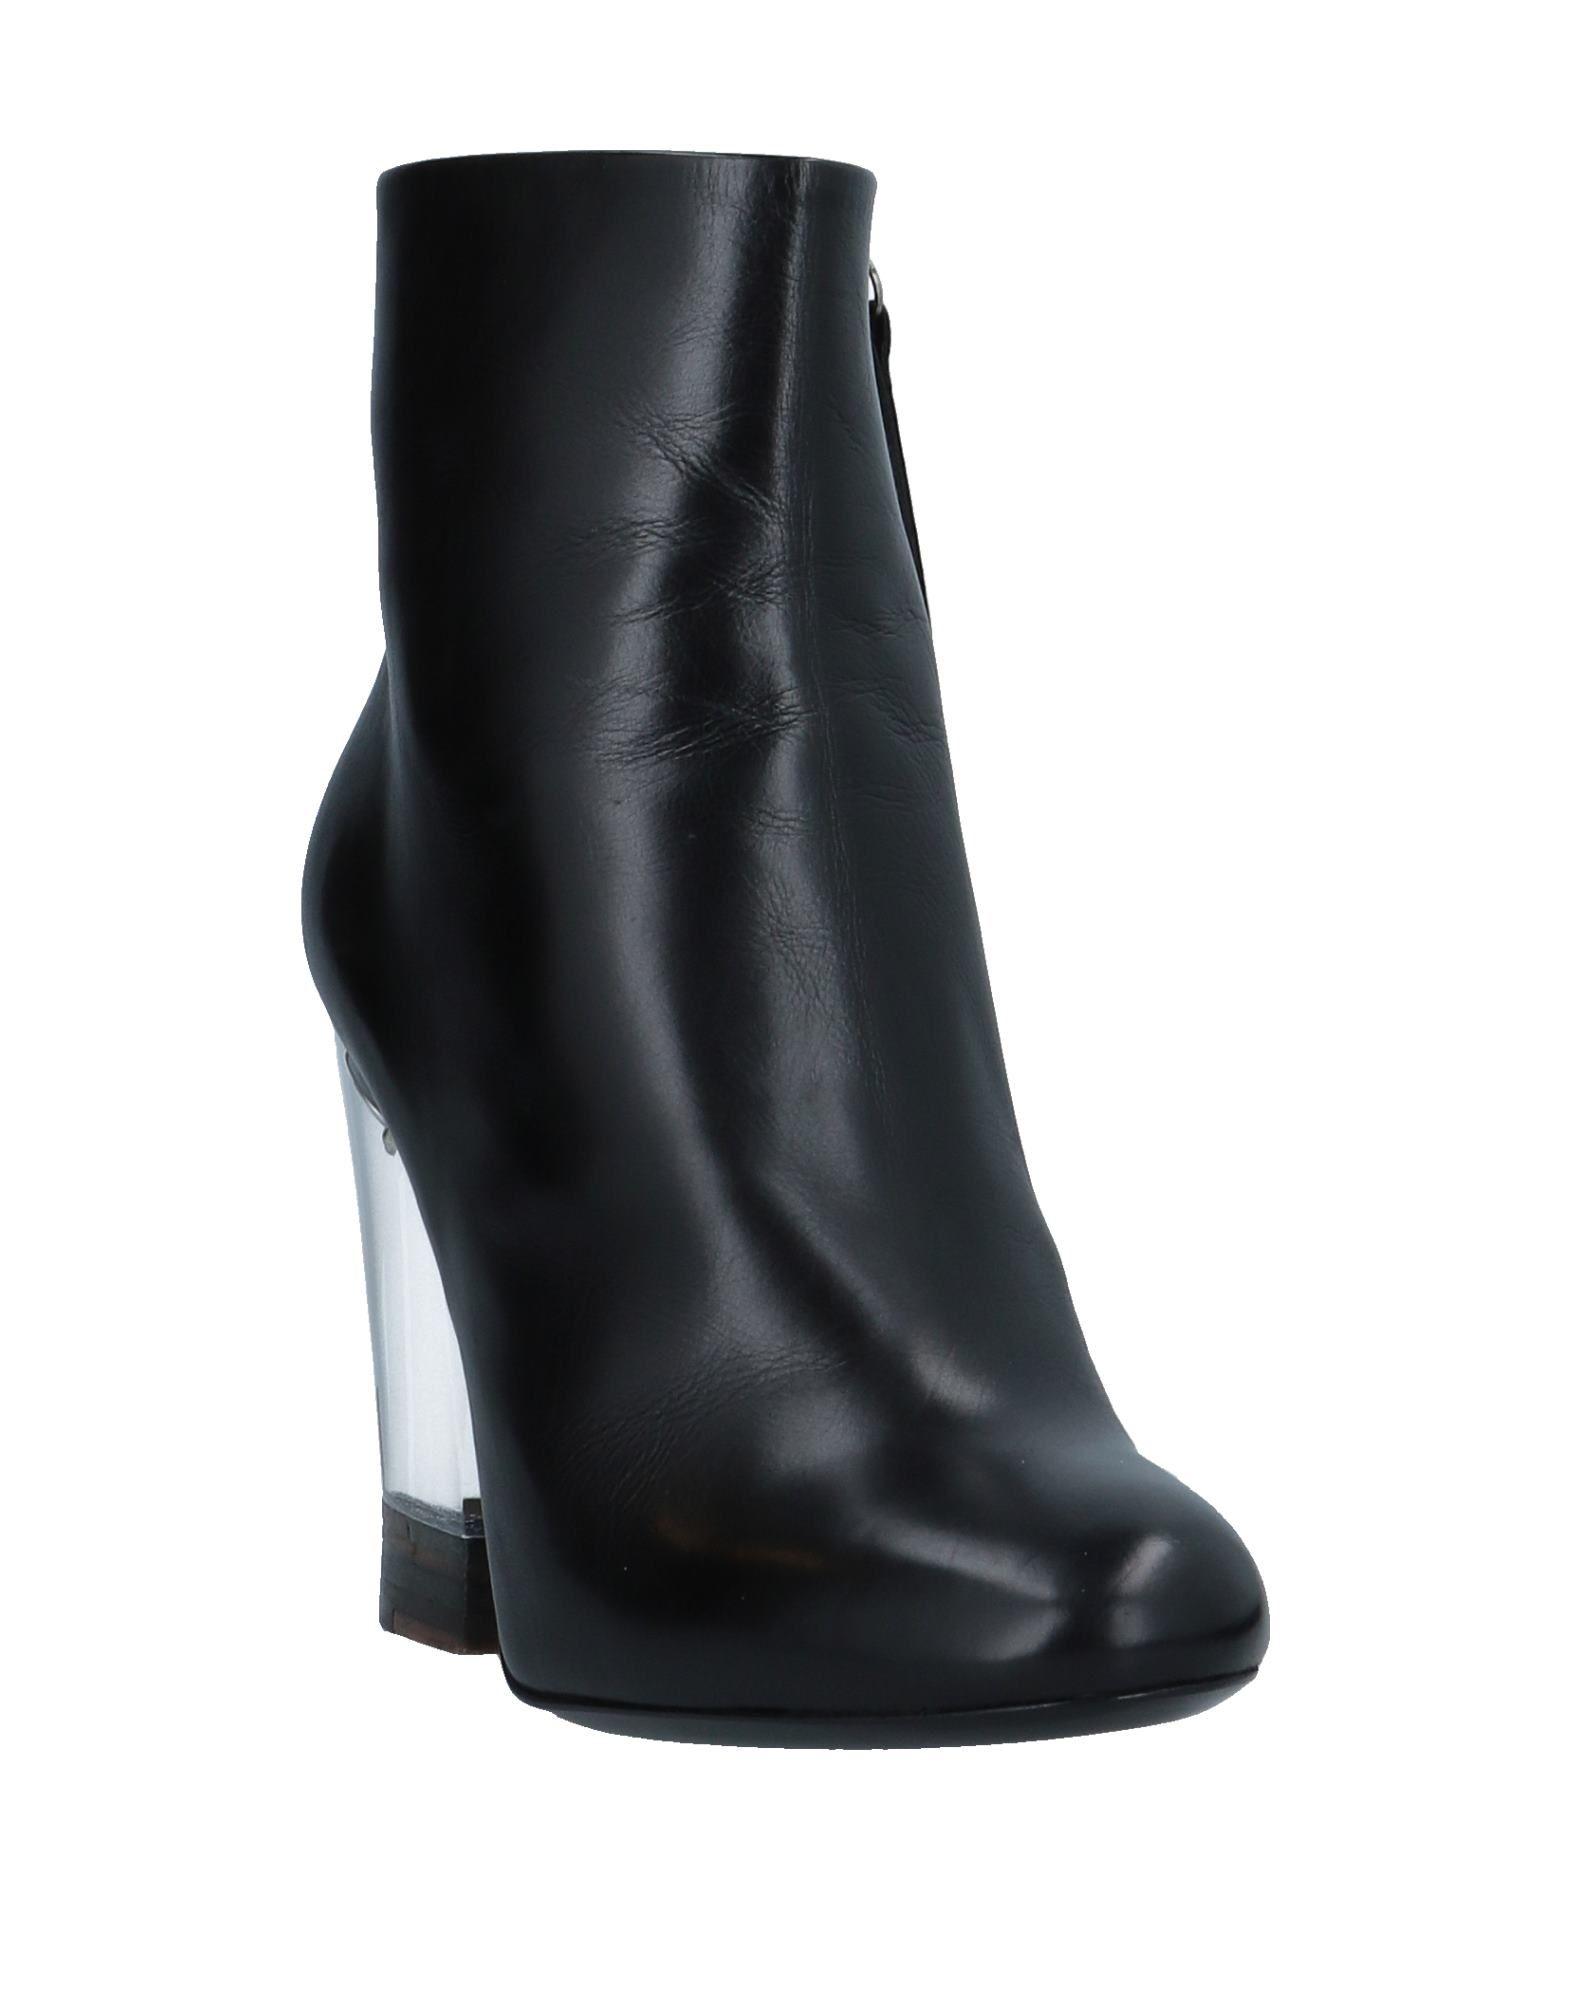 Premiata gut Stiefelette Damen  11530922NTGünstige gut Premiata aussehende Schuhe 8e24d9